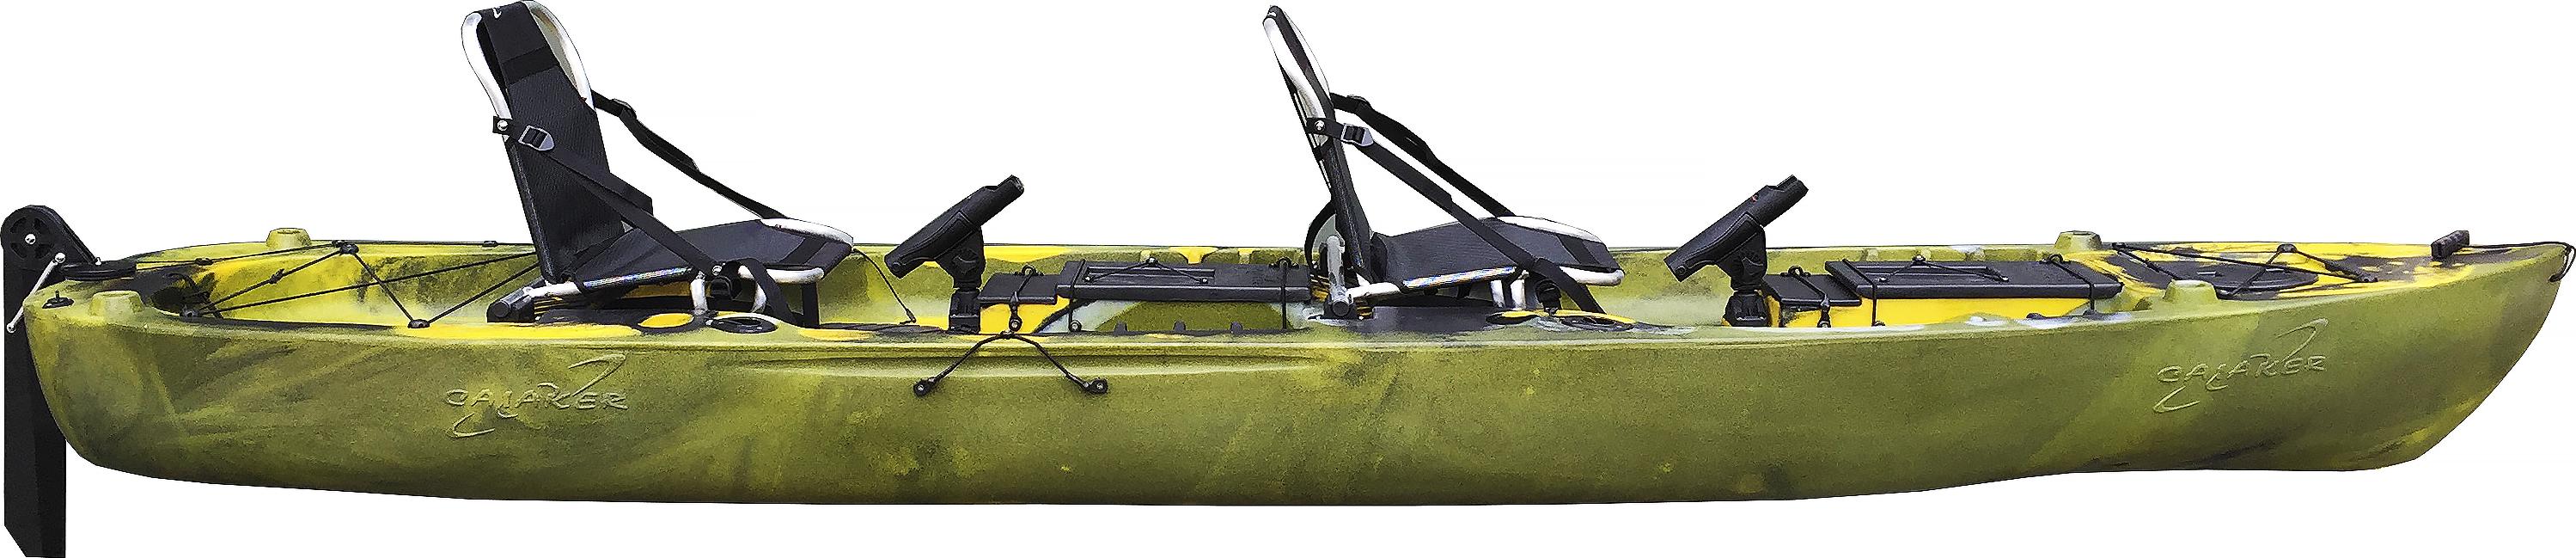 Mero-verde-camuflado-2.png